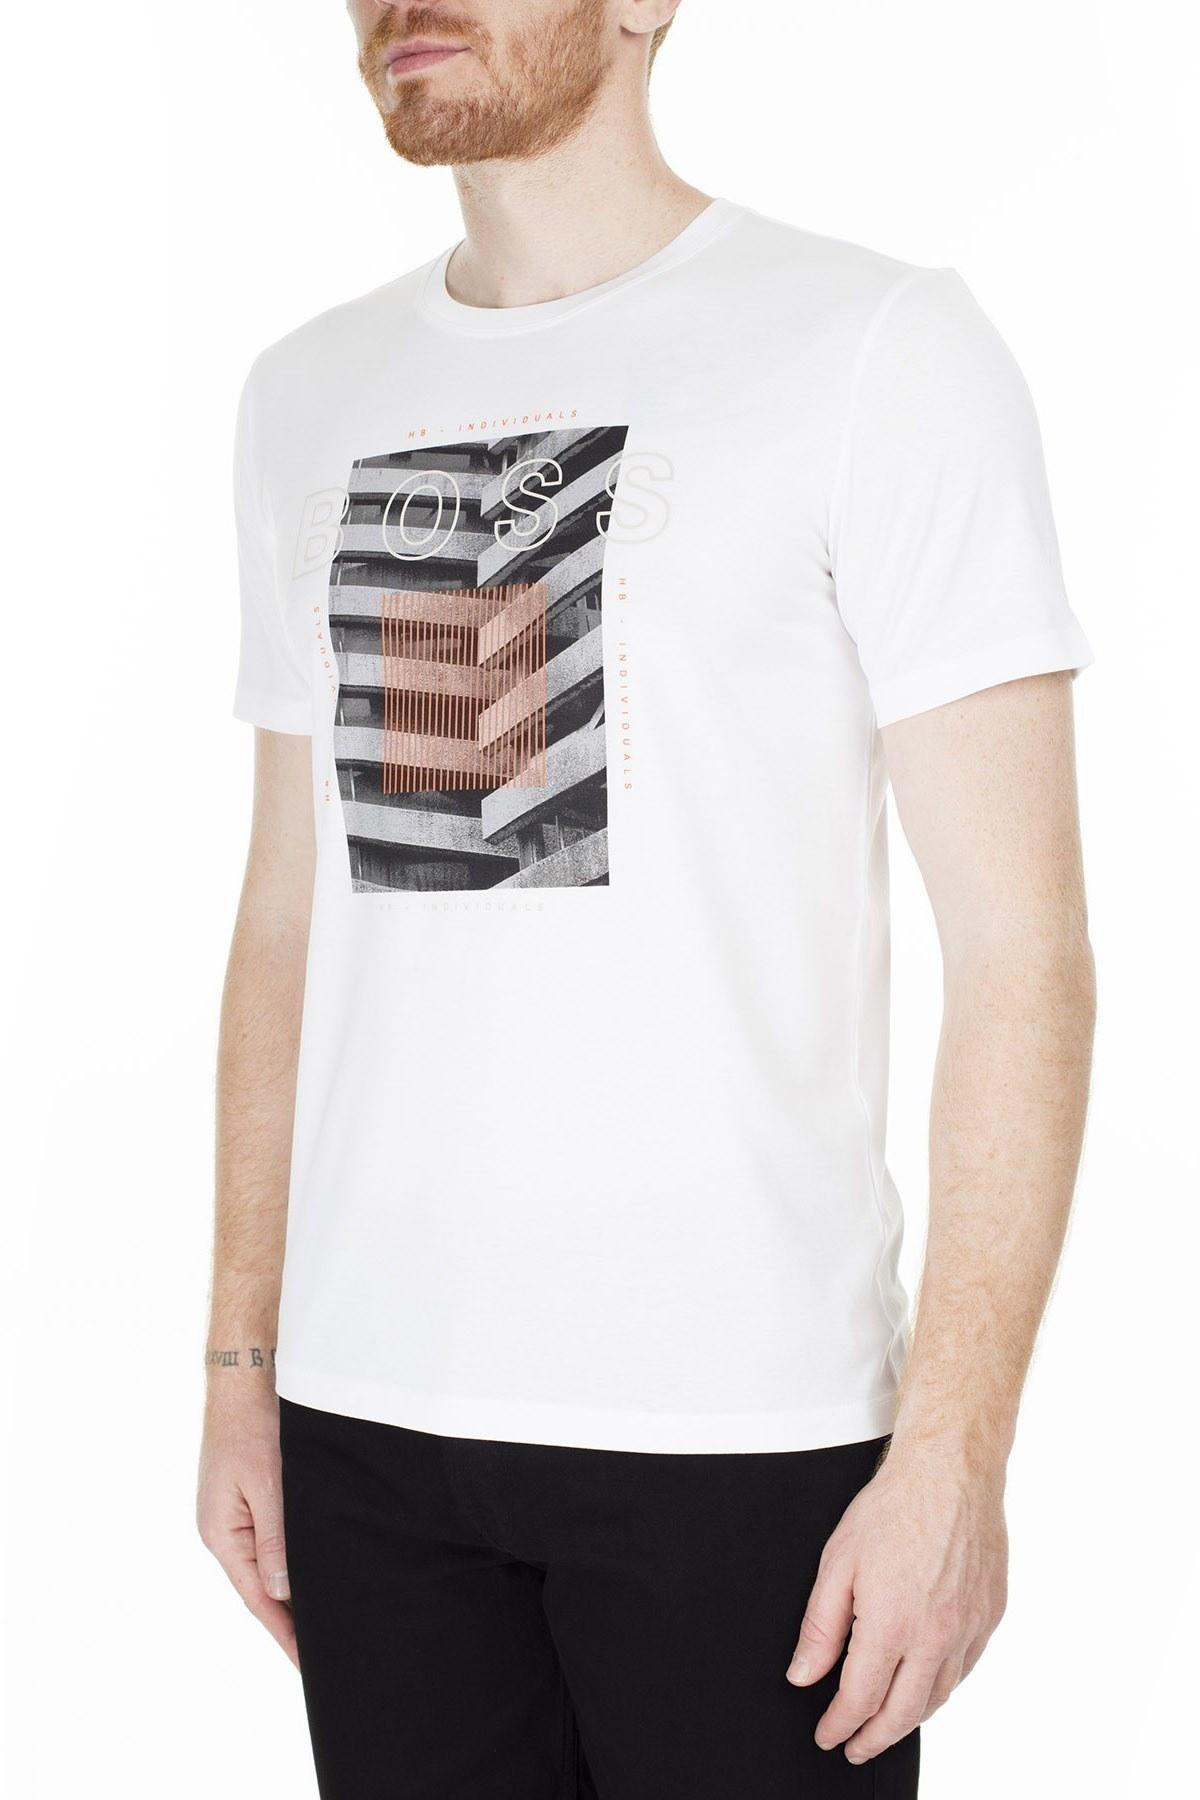 Hugo Boss Regular Fit Erkek T Shirt 50427851 100 BEYAZ